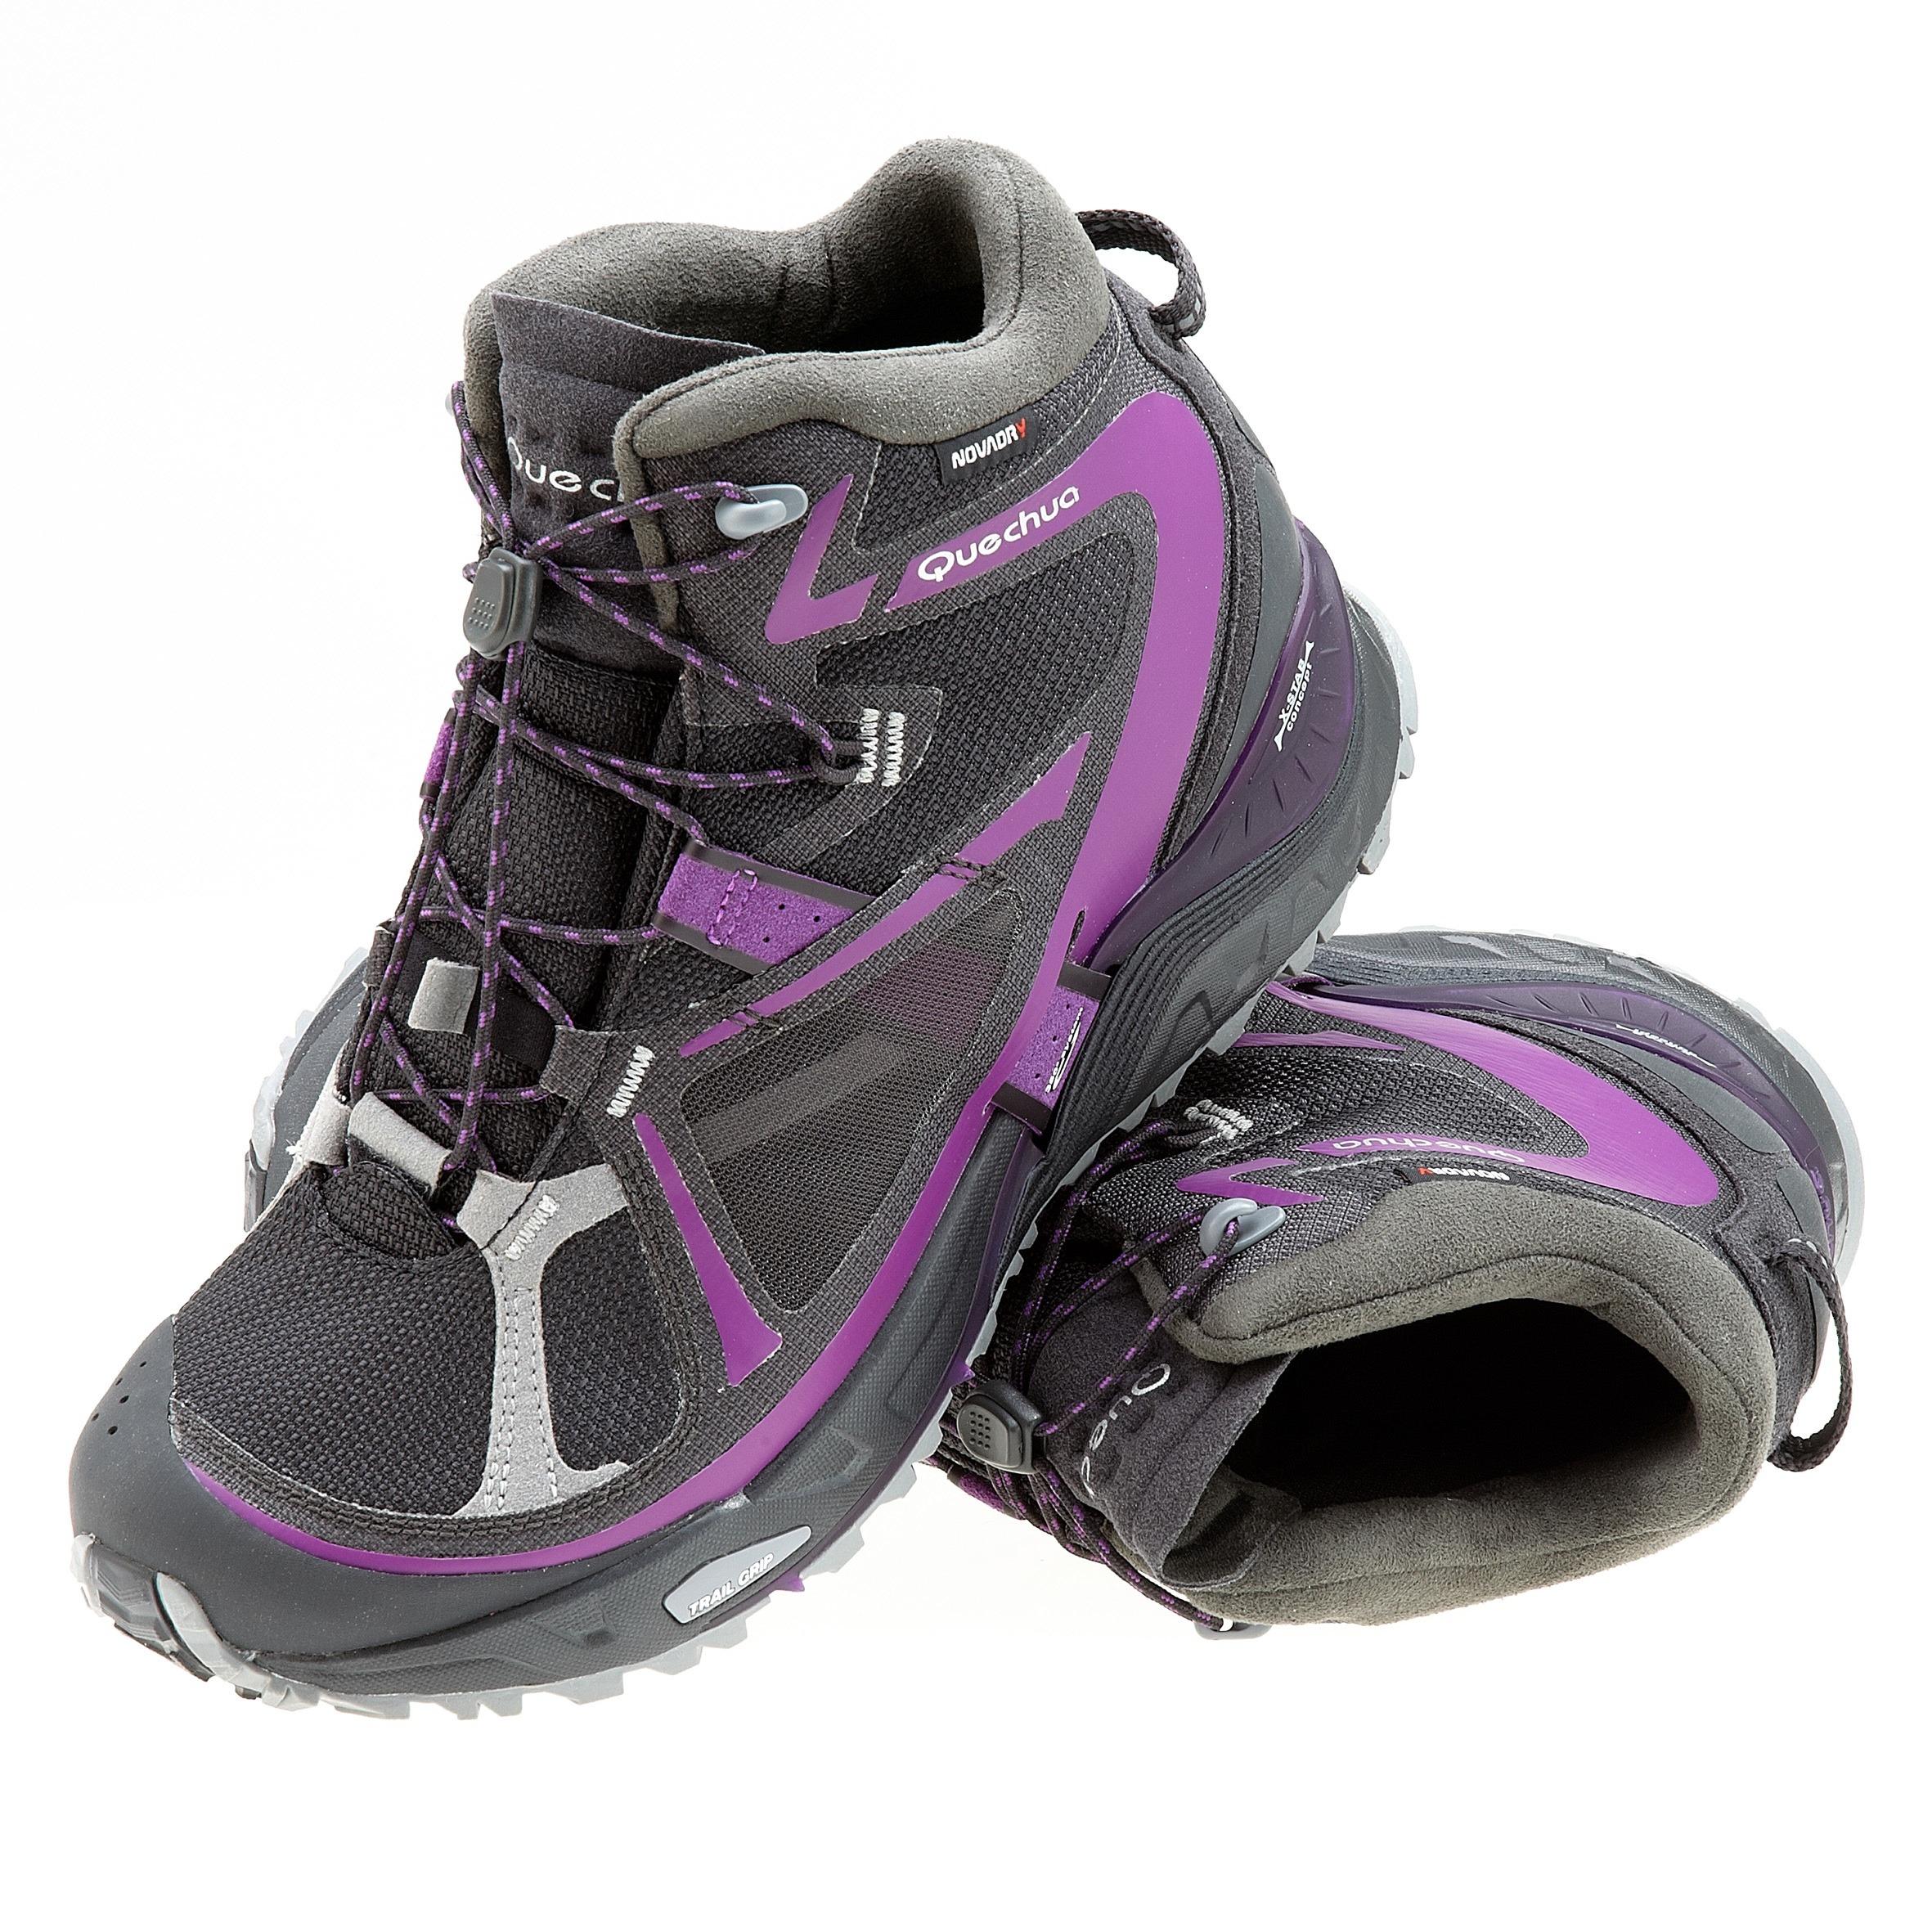 Acquista scarpe trekking donna salomon - OFF35% sconti 0c288dcb9d3